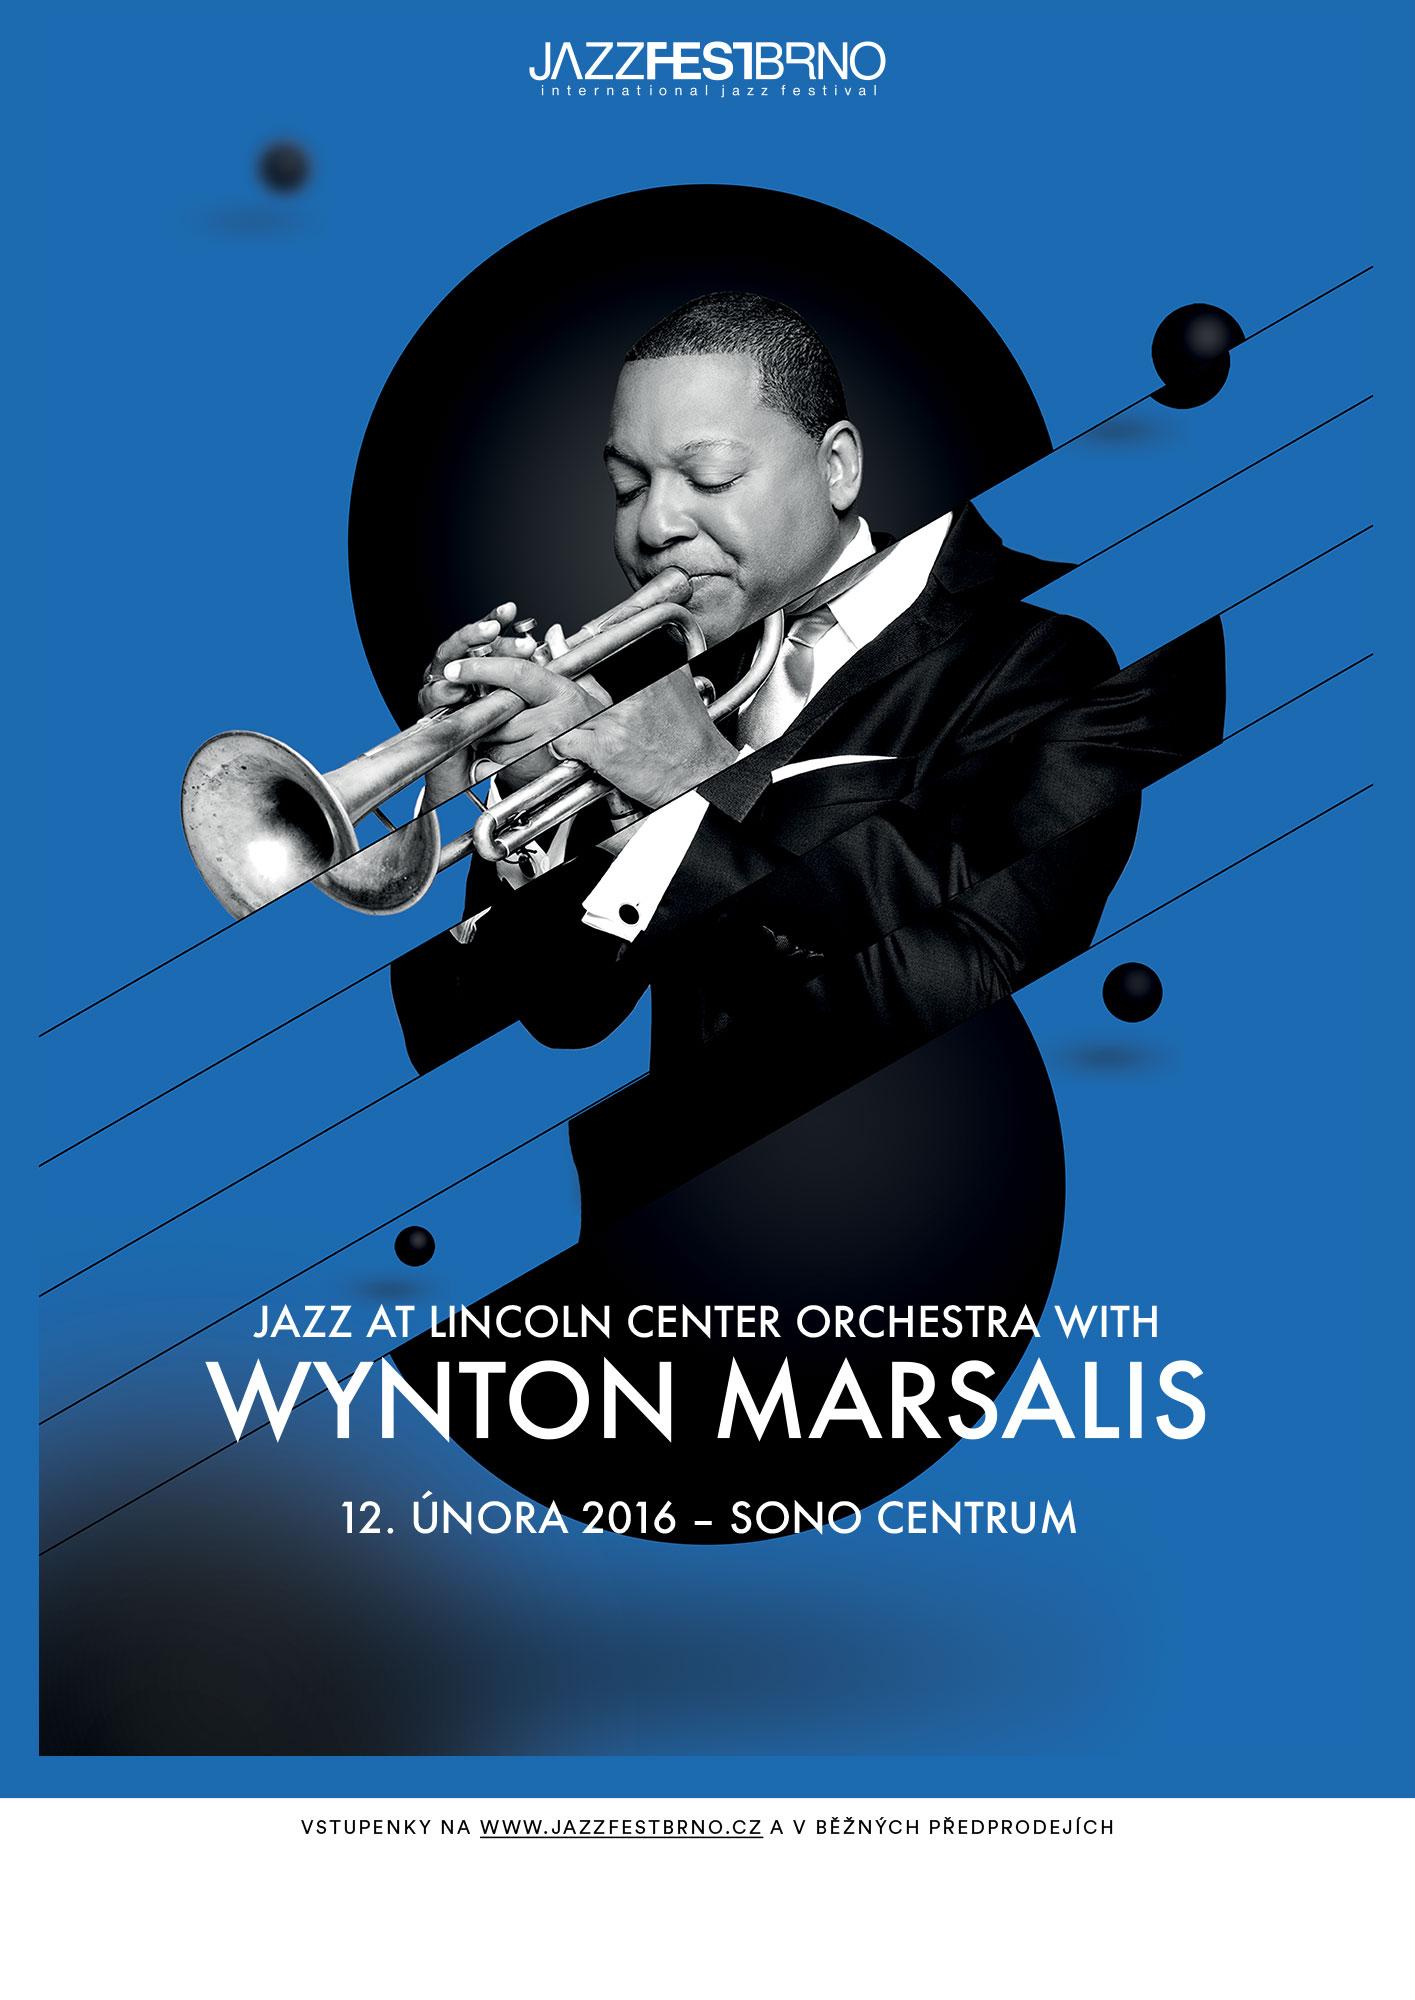 Jazzfestbrno 2016 - Wynton Marsalis